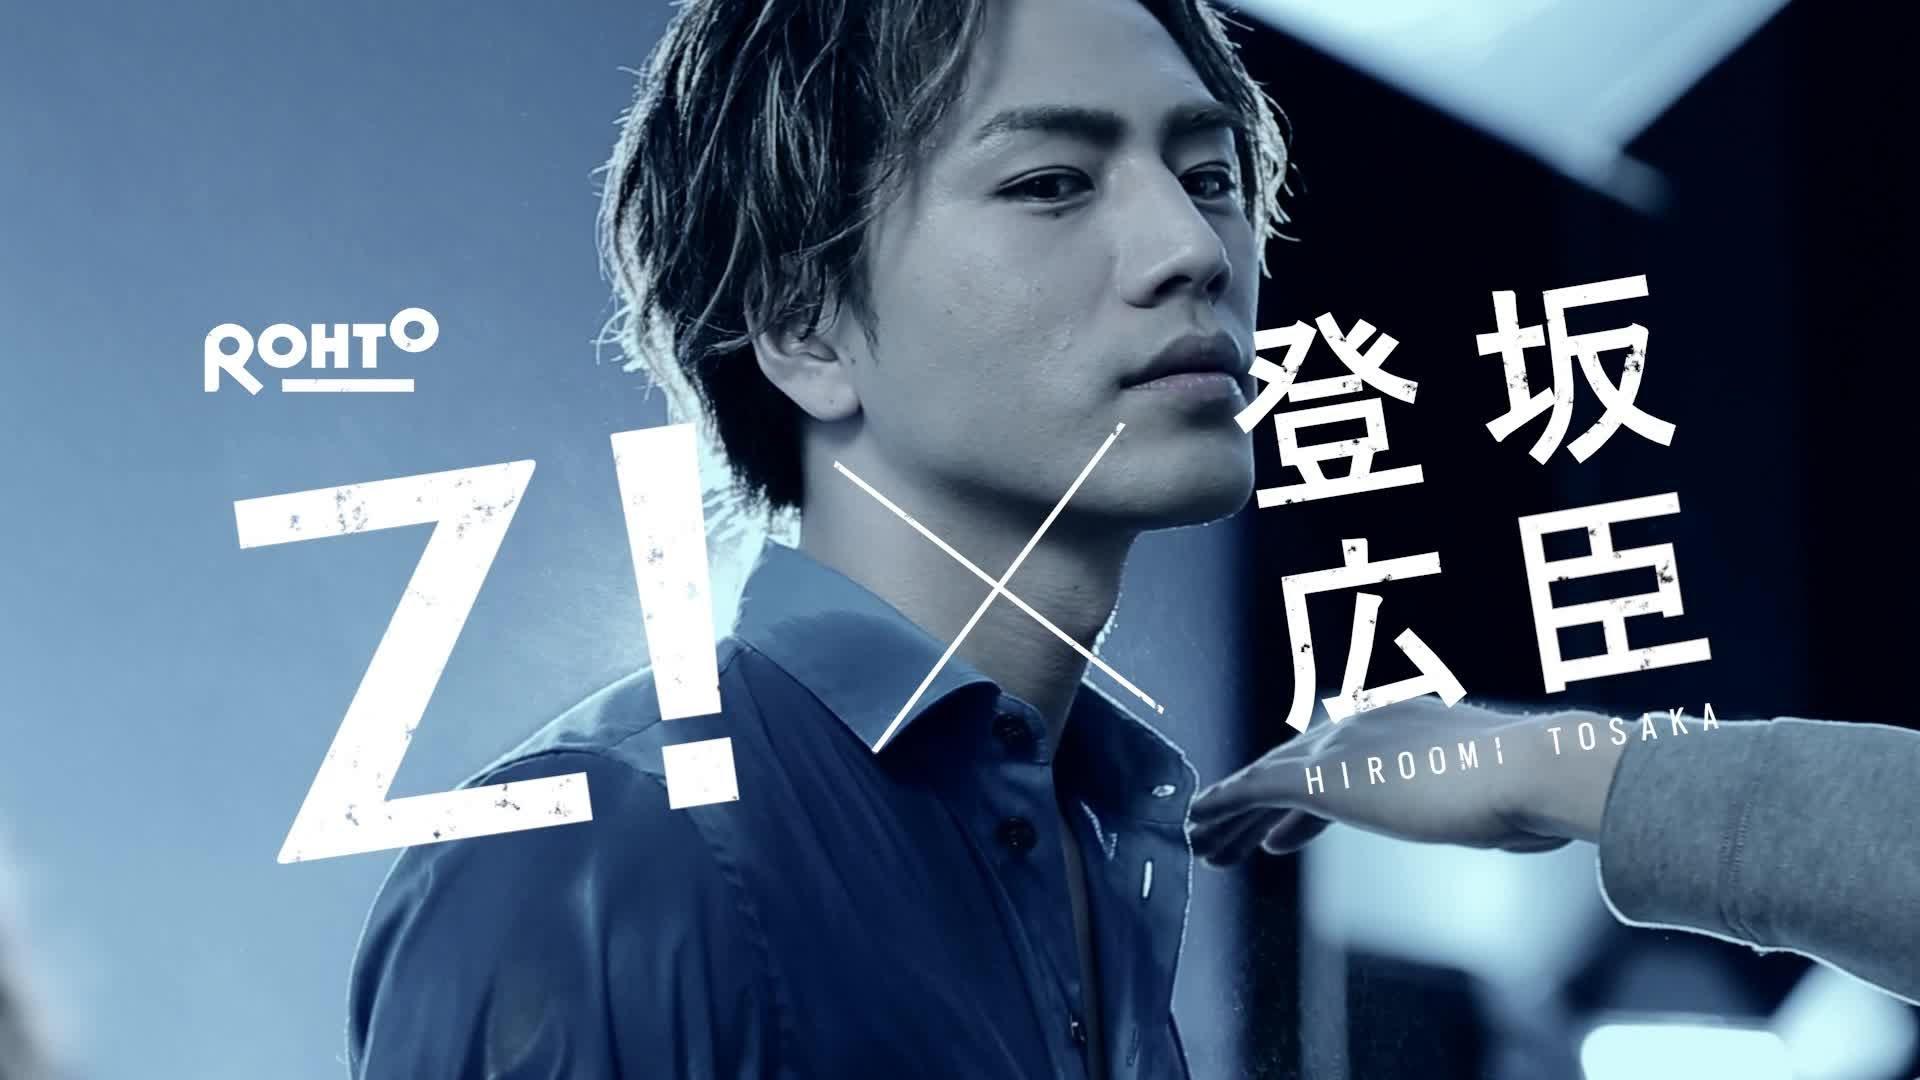 誘惑の顔 3代目j Soul Brothersの 登坂広臣 の画像集 エントピ Entertainment Topics